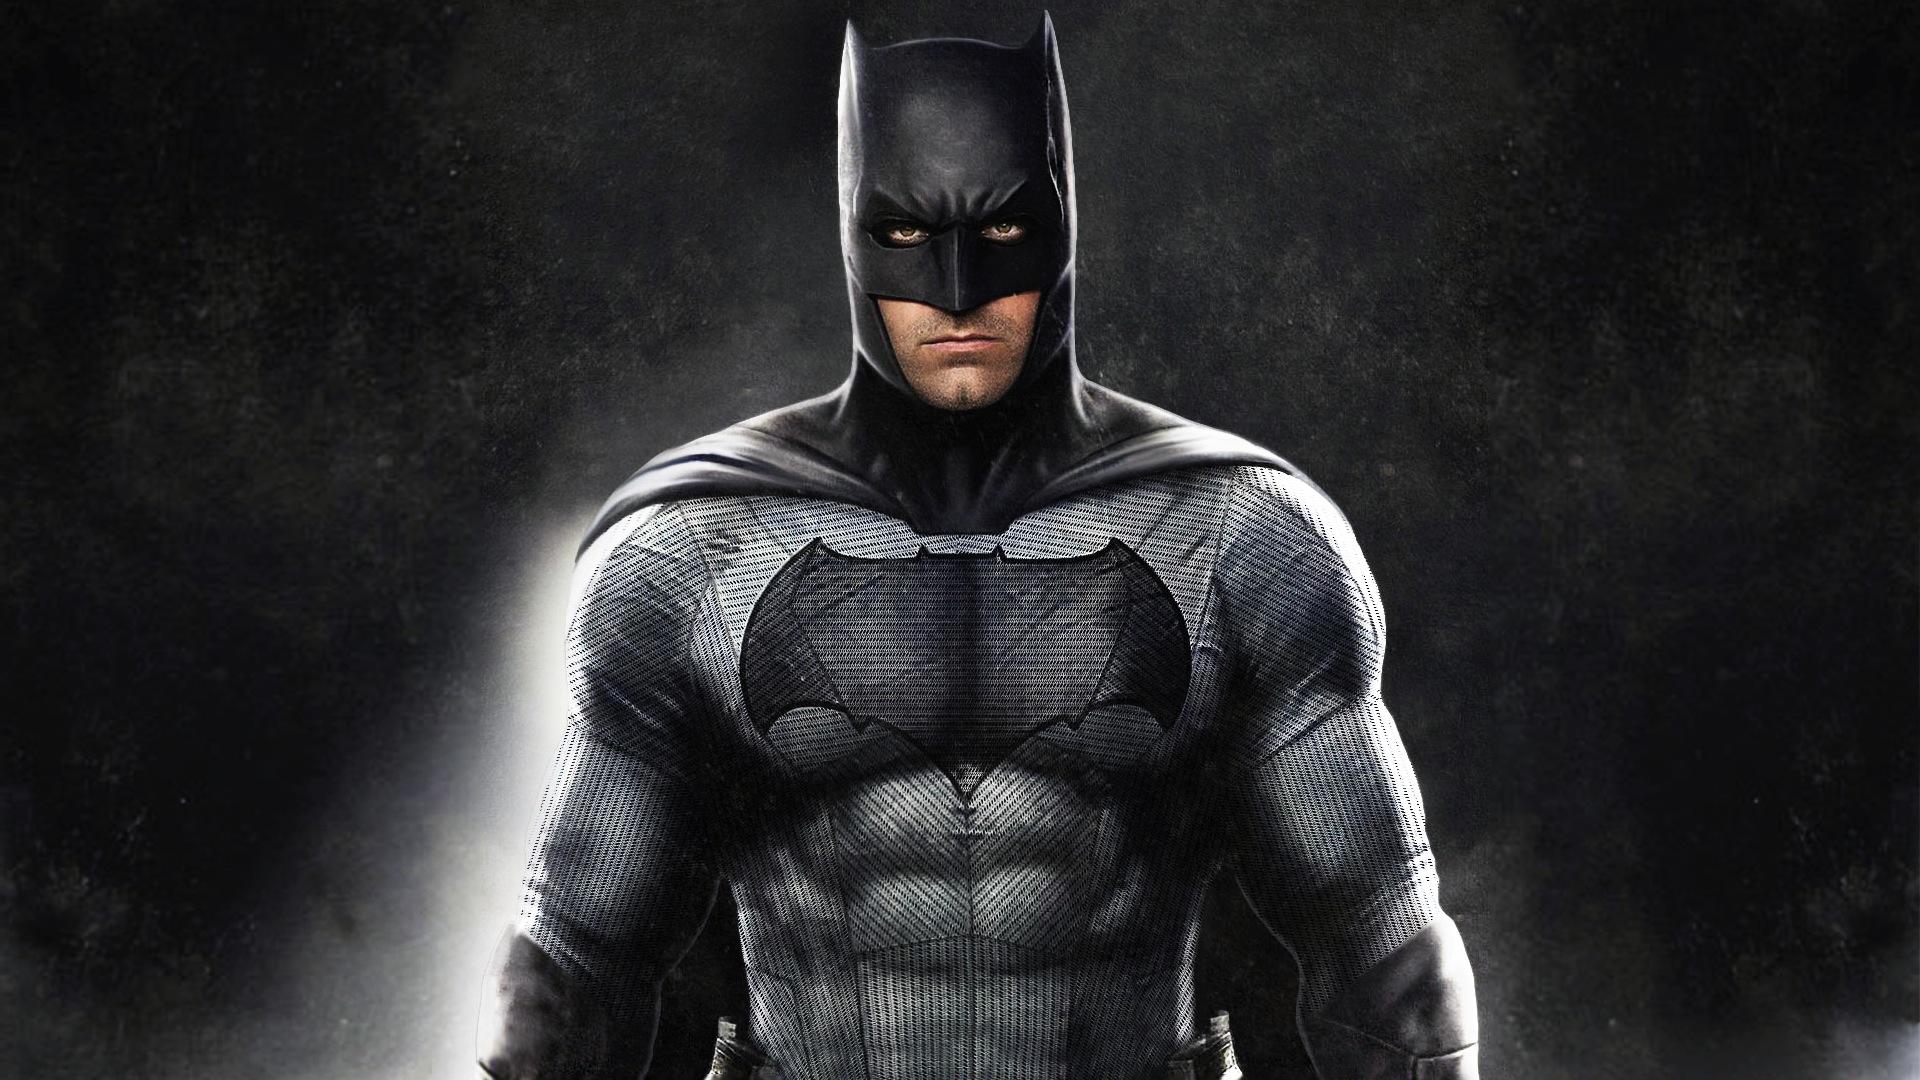 خداحافظی بن افلک با نقش بتمن، تاریخ اکران فیلم The Batman اعلام شد